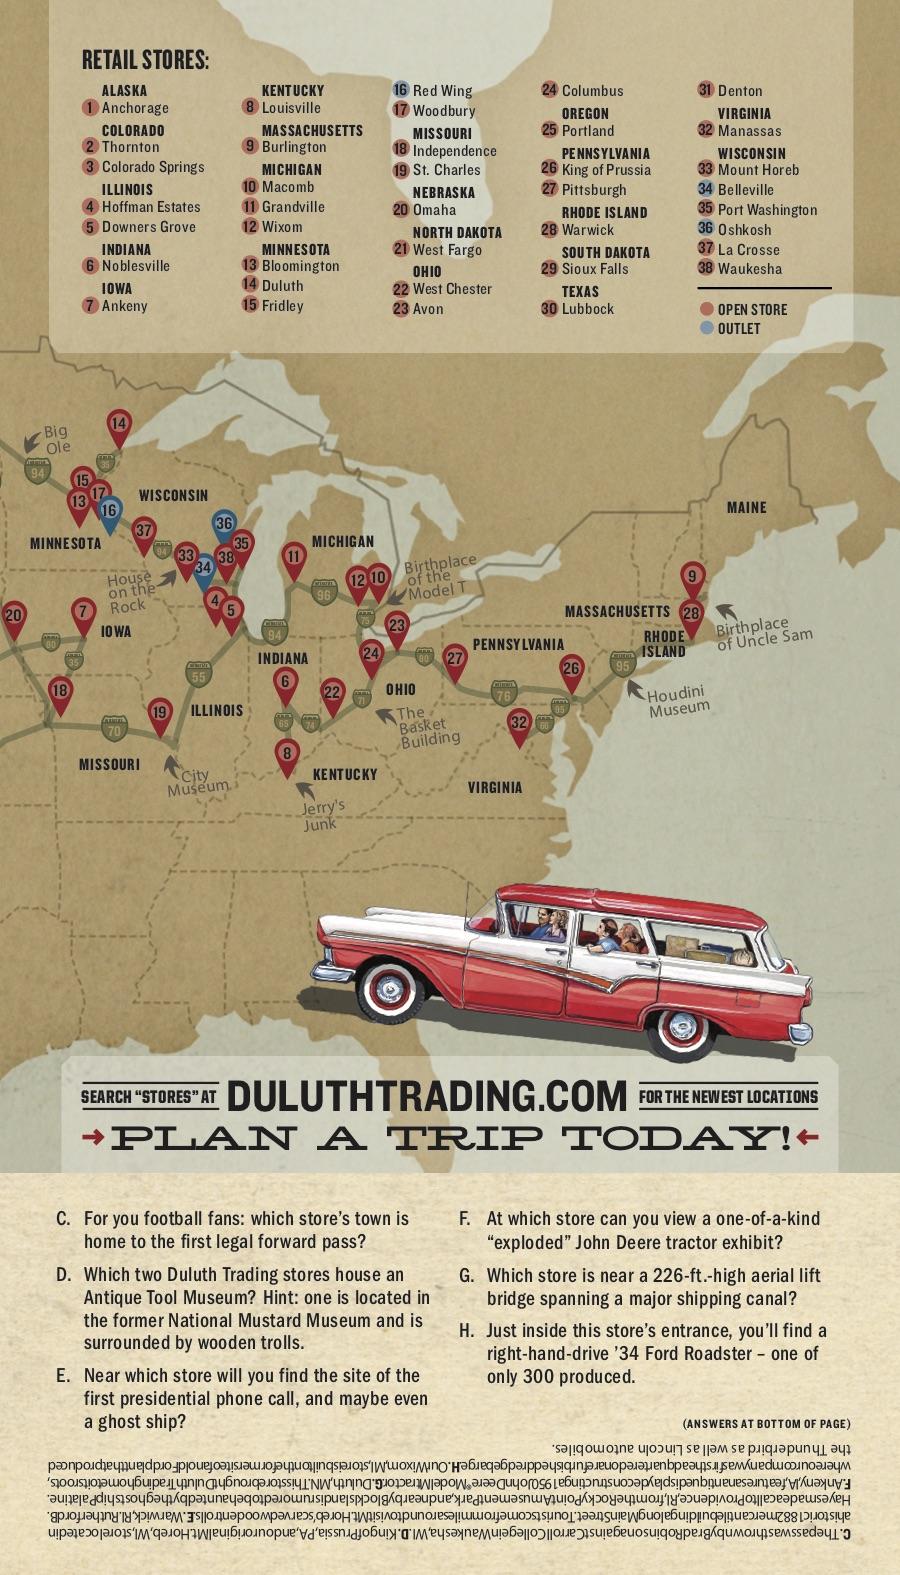 Duluth Graphic 2.jpg